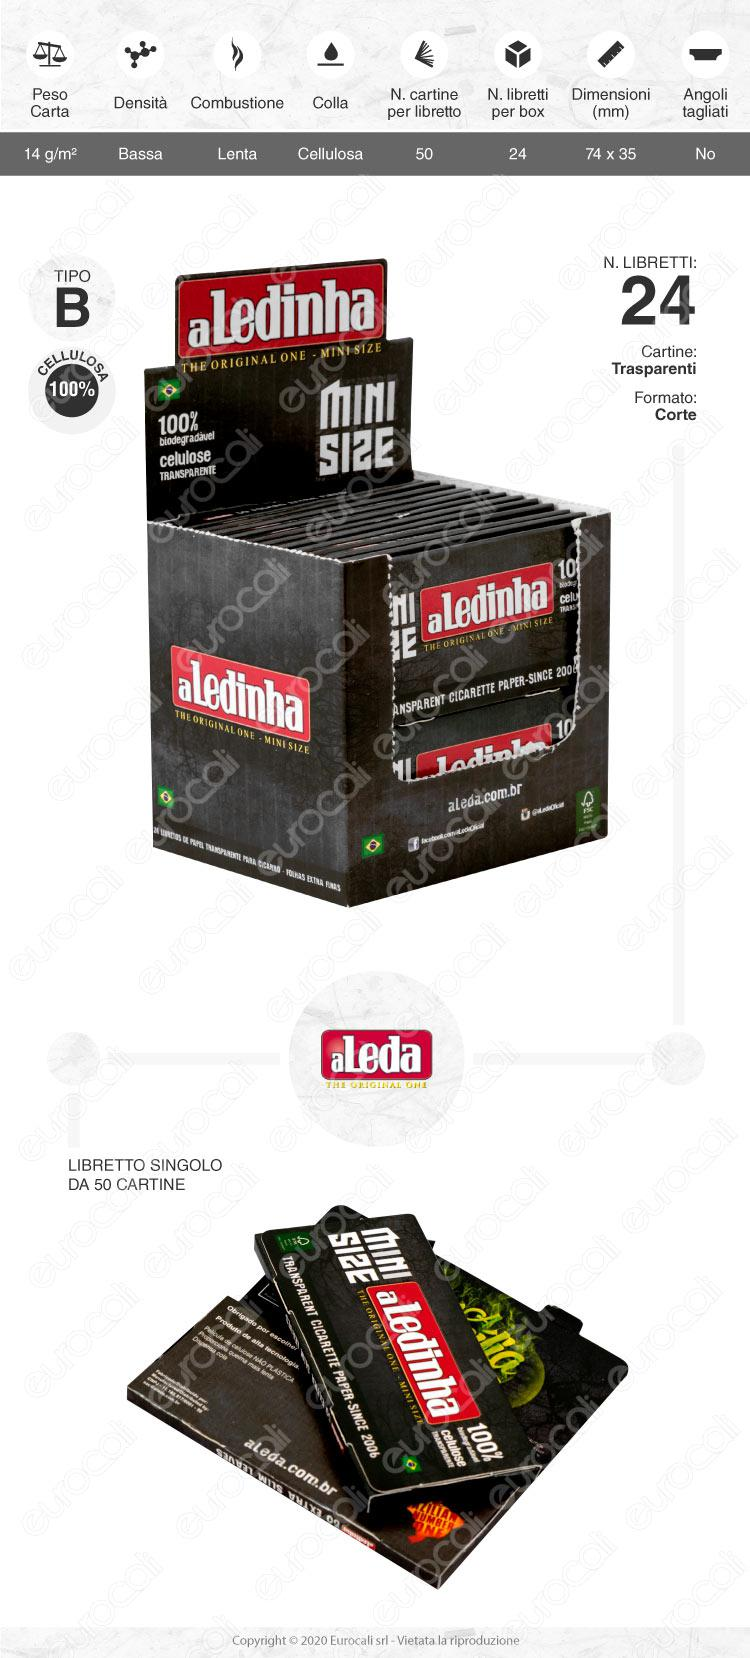 Cartine aLedinha mini size